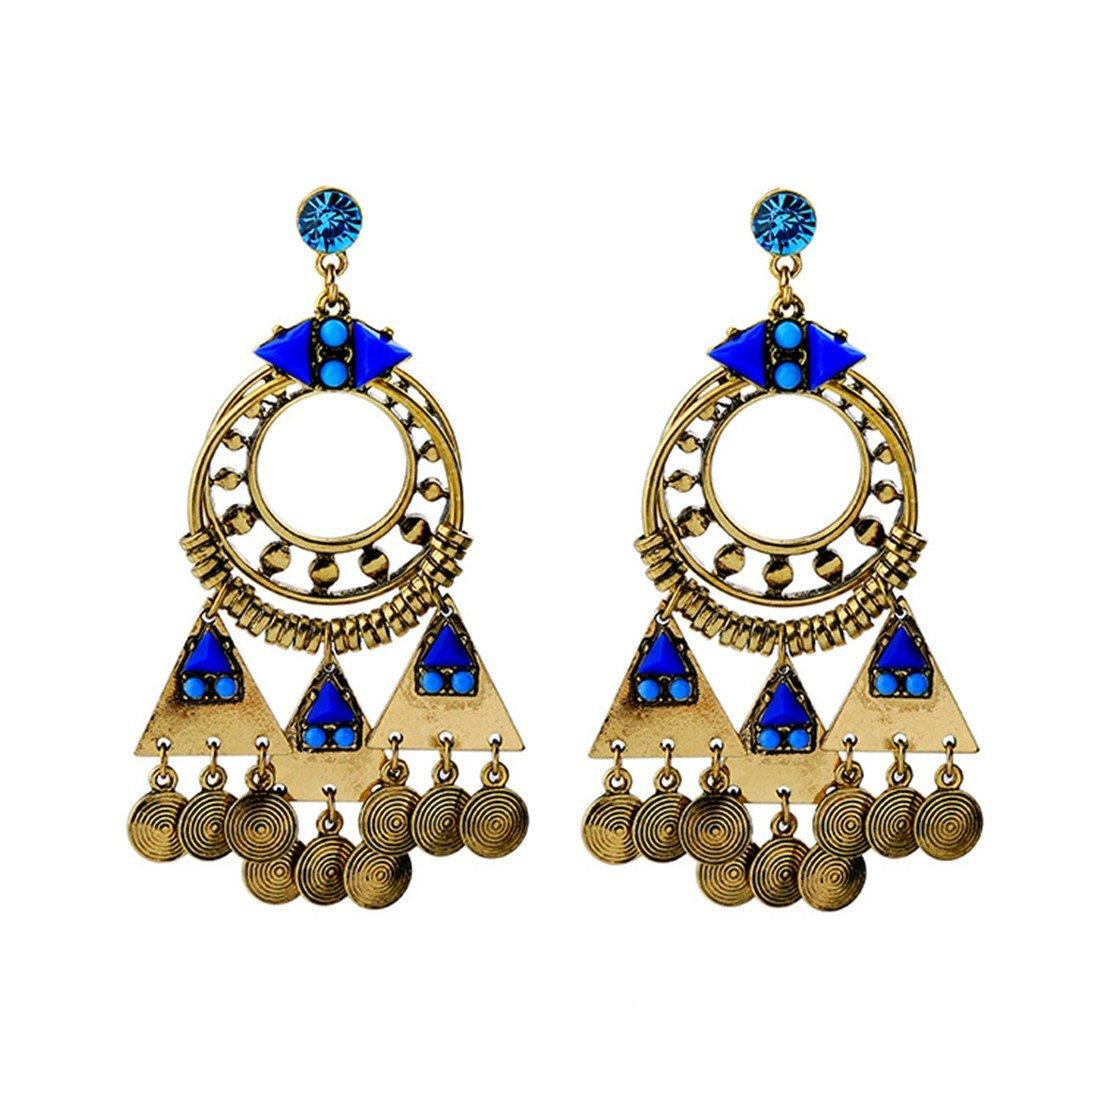 ball earrings|clip on earrings|ear cuffs|dangle earrings|earring jackets|hoop earrings|stud earrings|European and American trends ladies Earrings retro folk earrings deep blue pendants